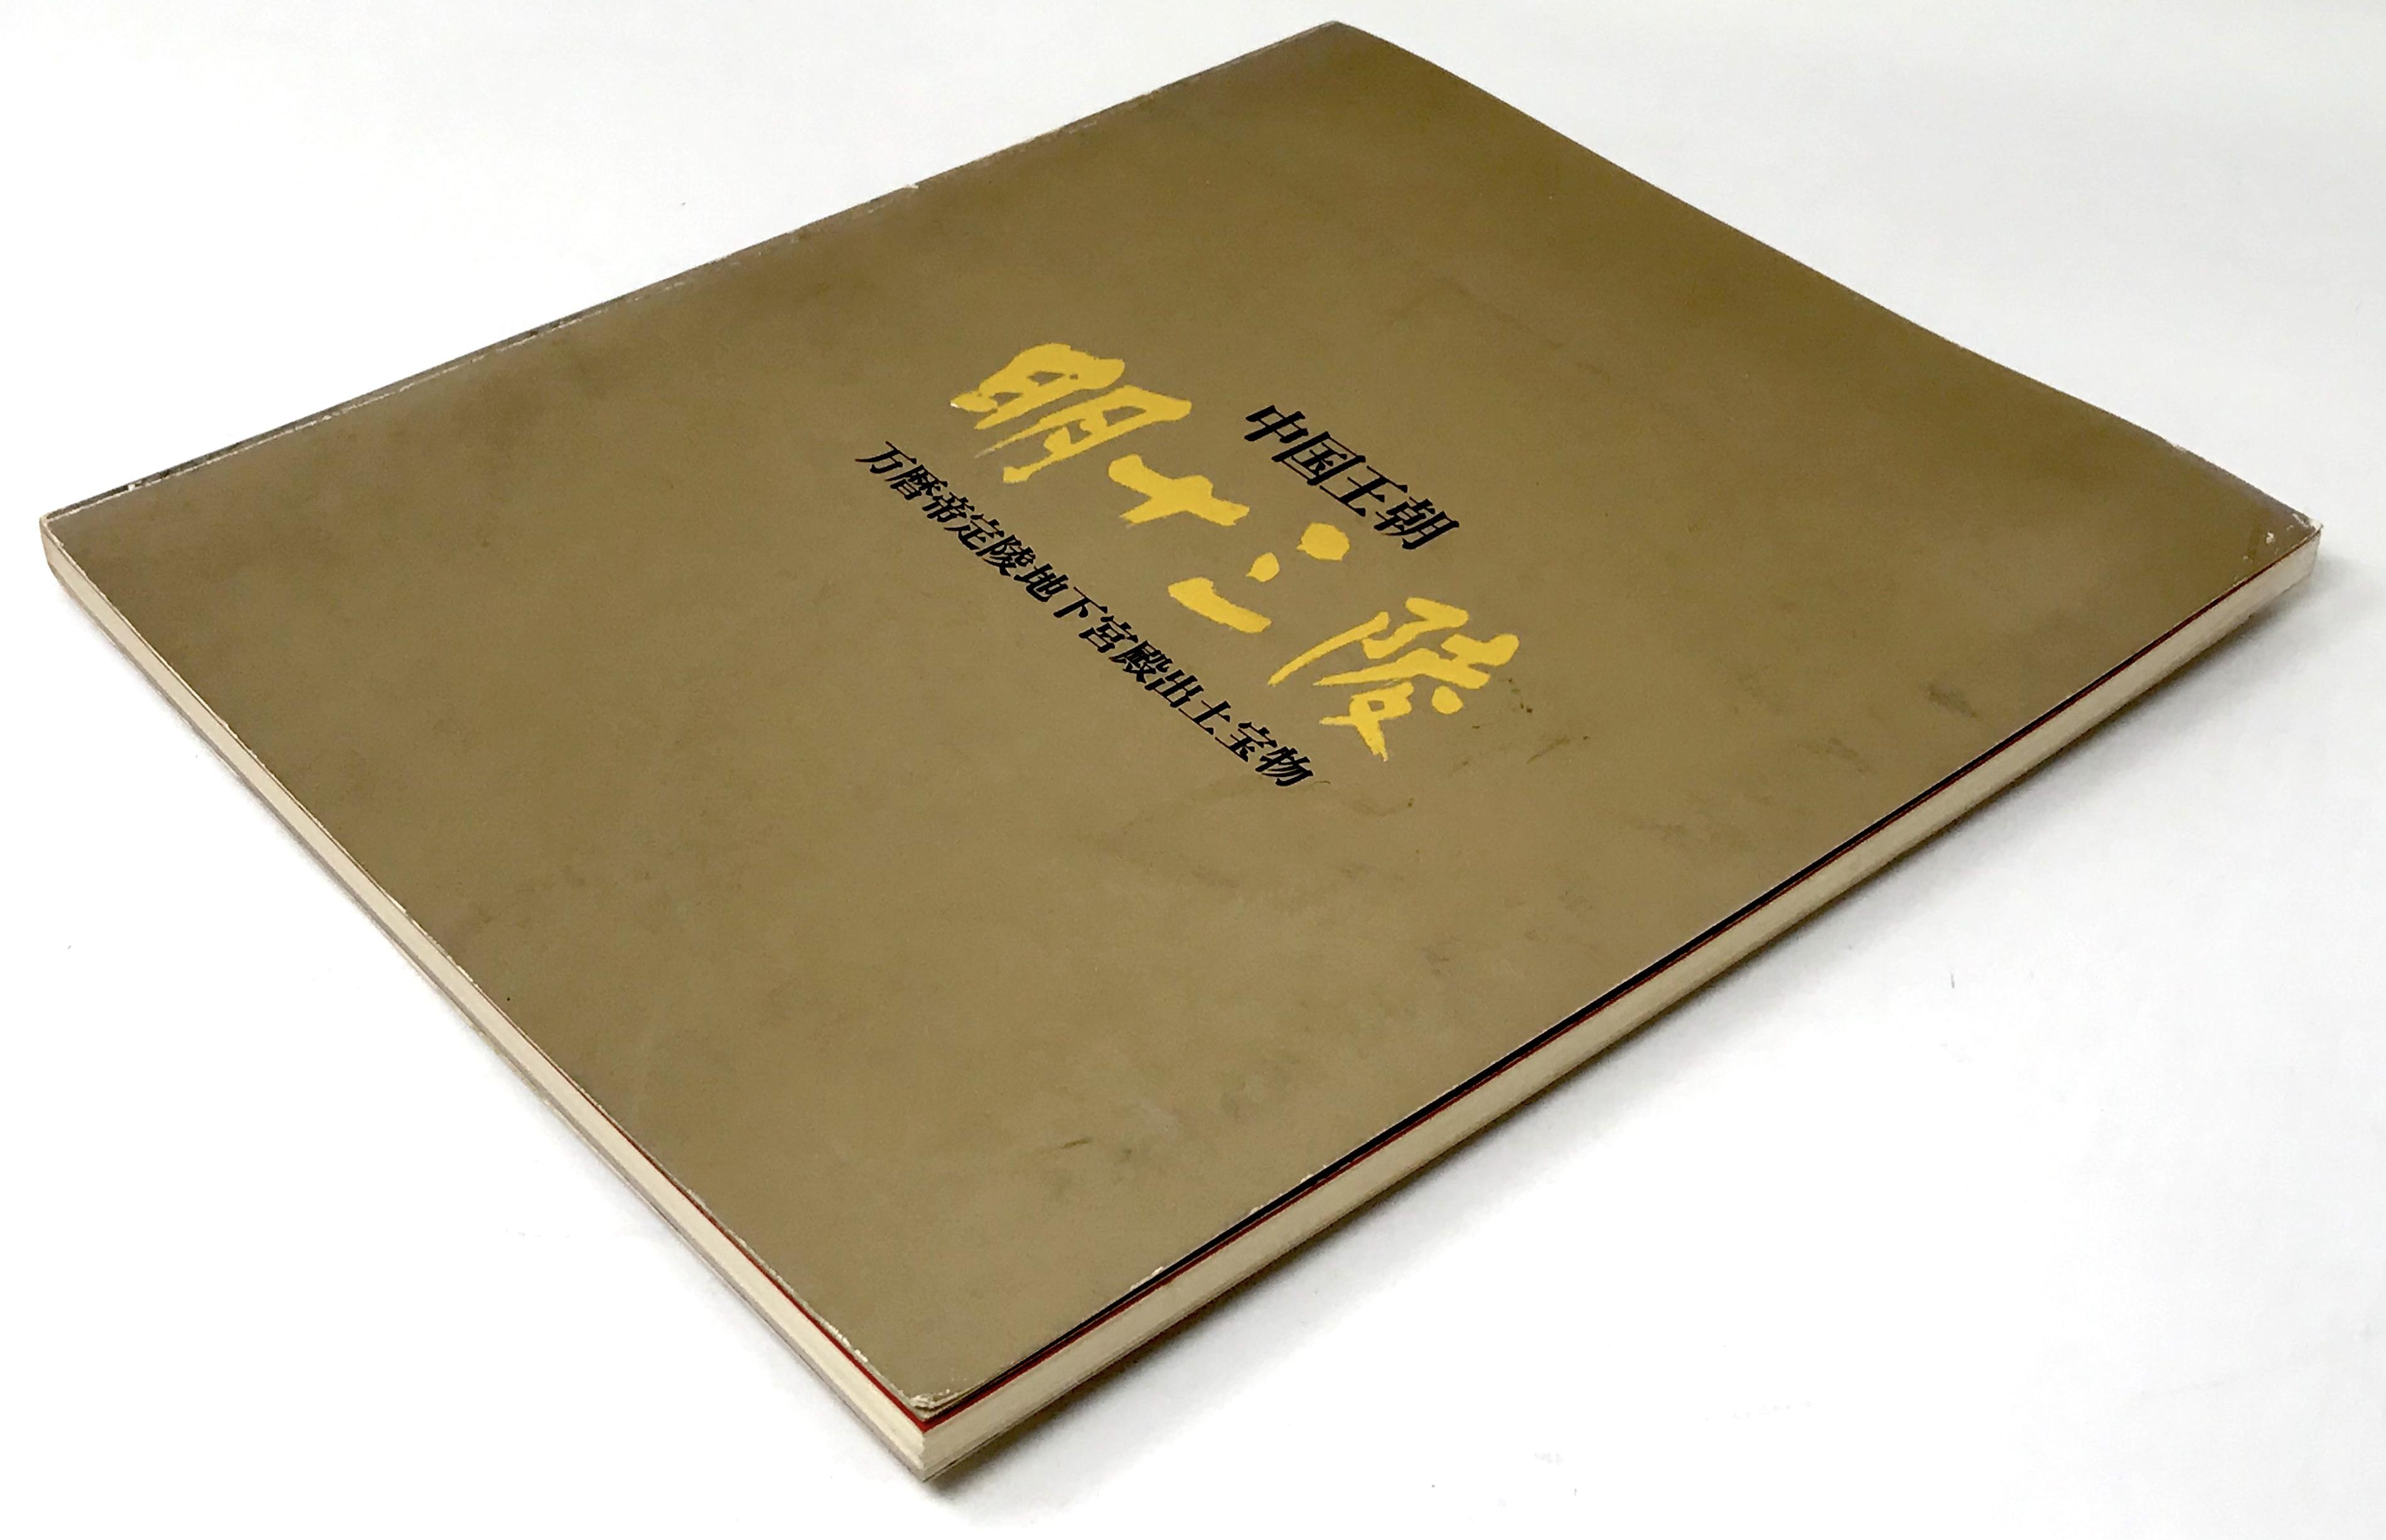 中国王朝 明十三陵 万暦帝定陵地下宮殿出土宝物